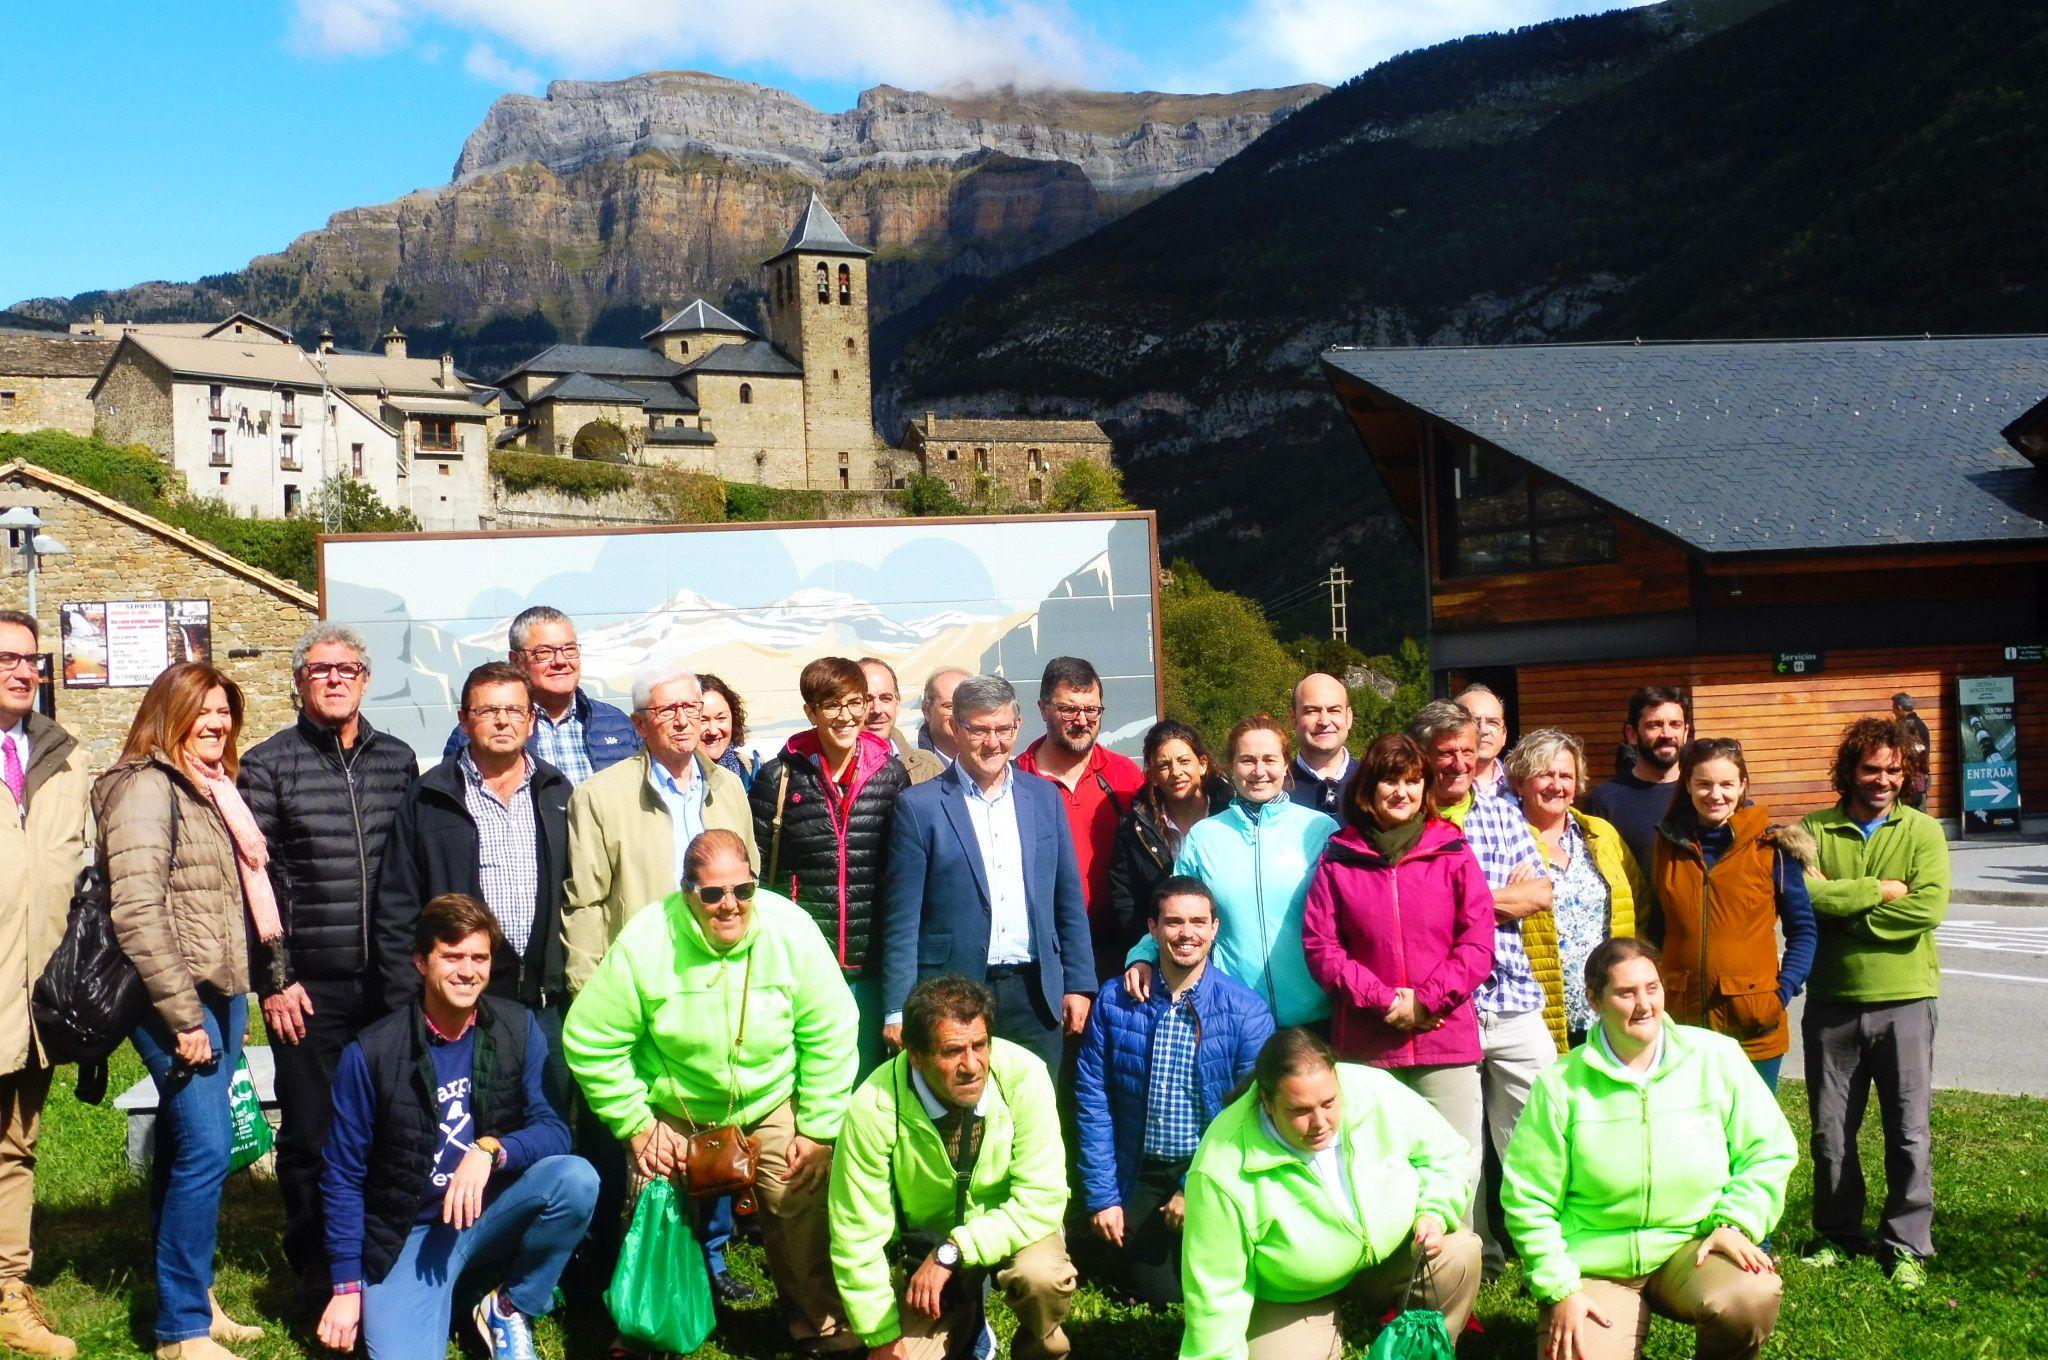 Delegación parlamentaria de las Cortes de Aragón. Foto: SobrarbeDigital